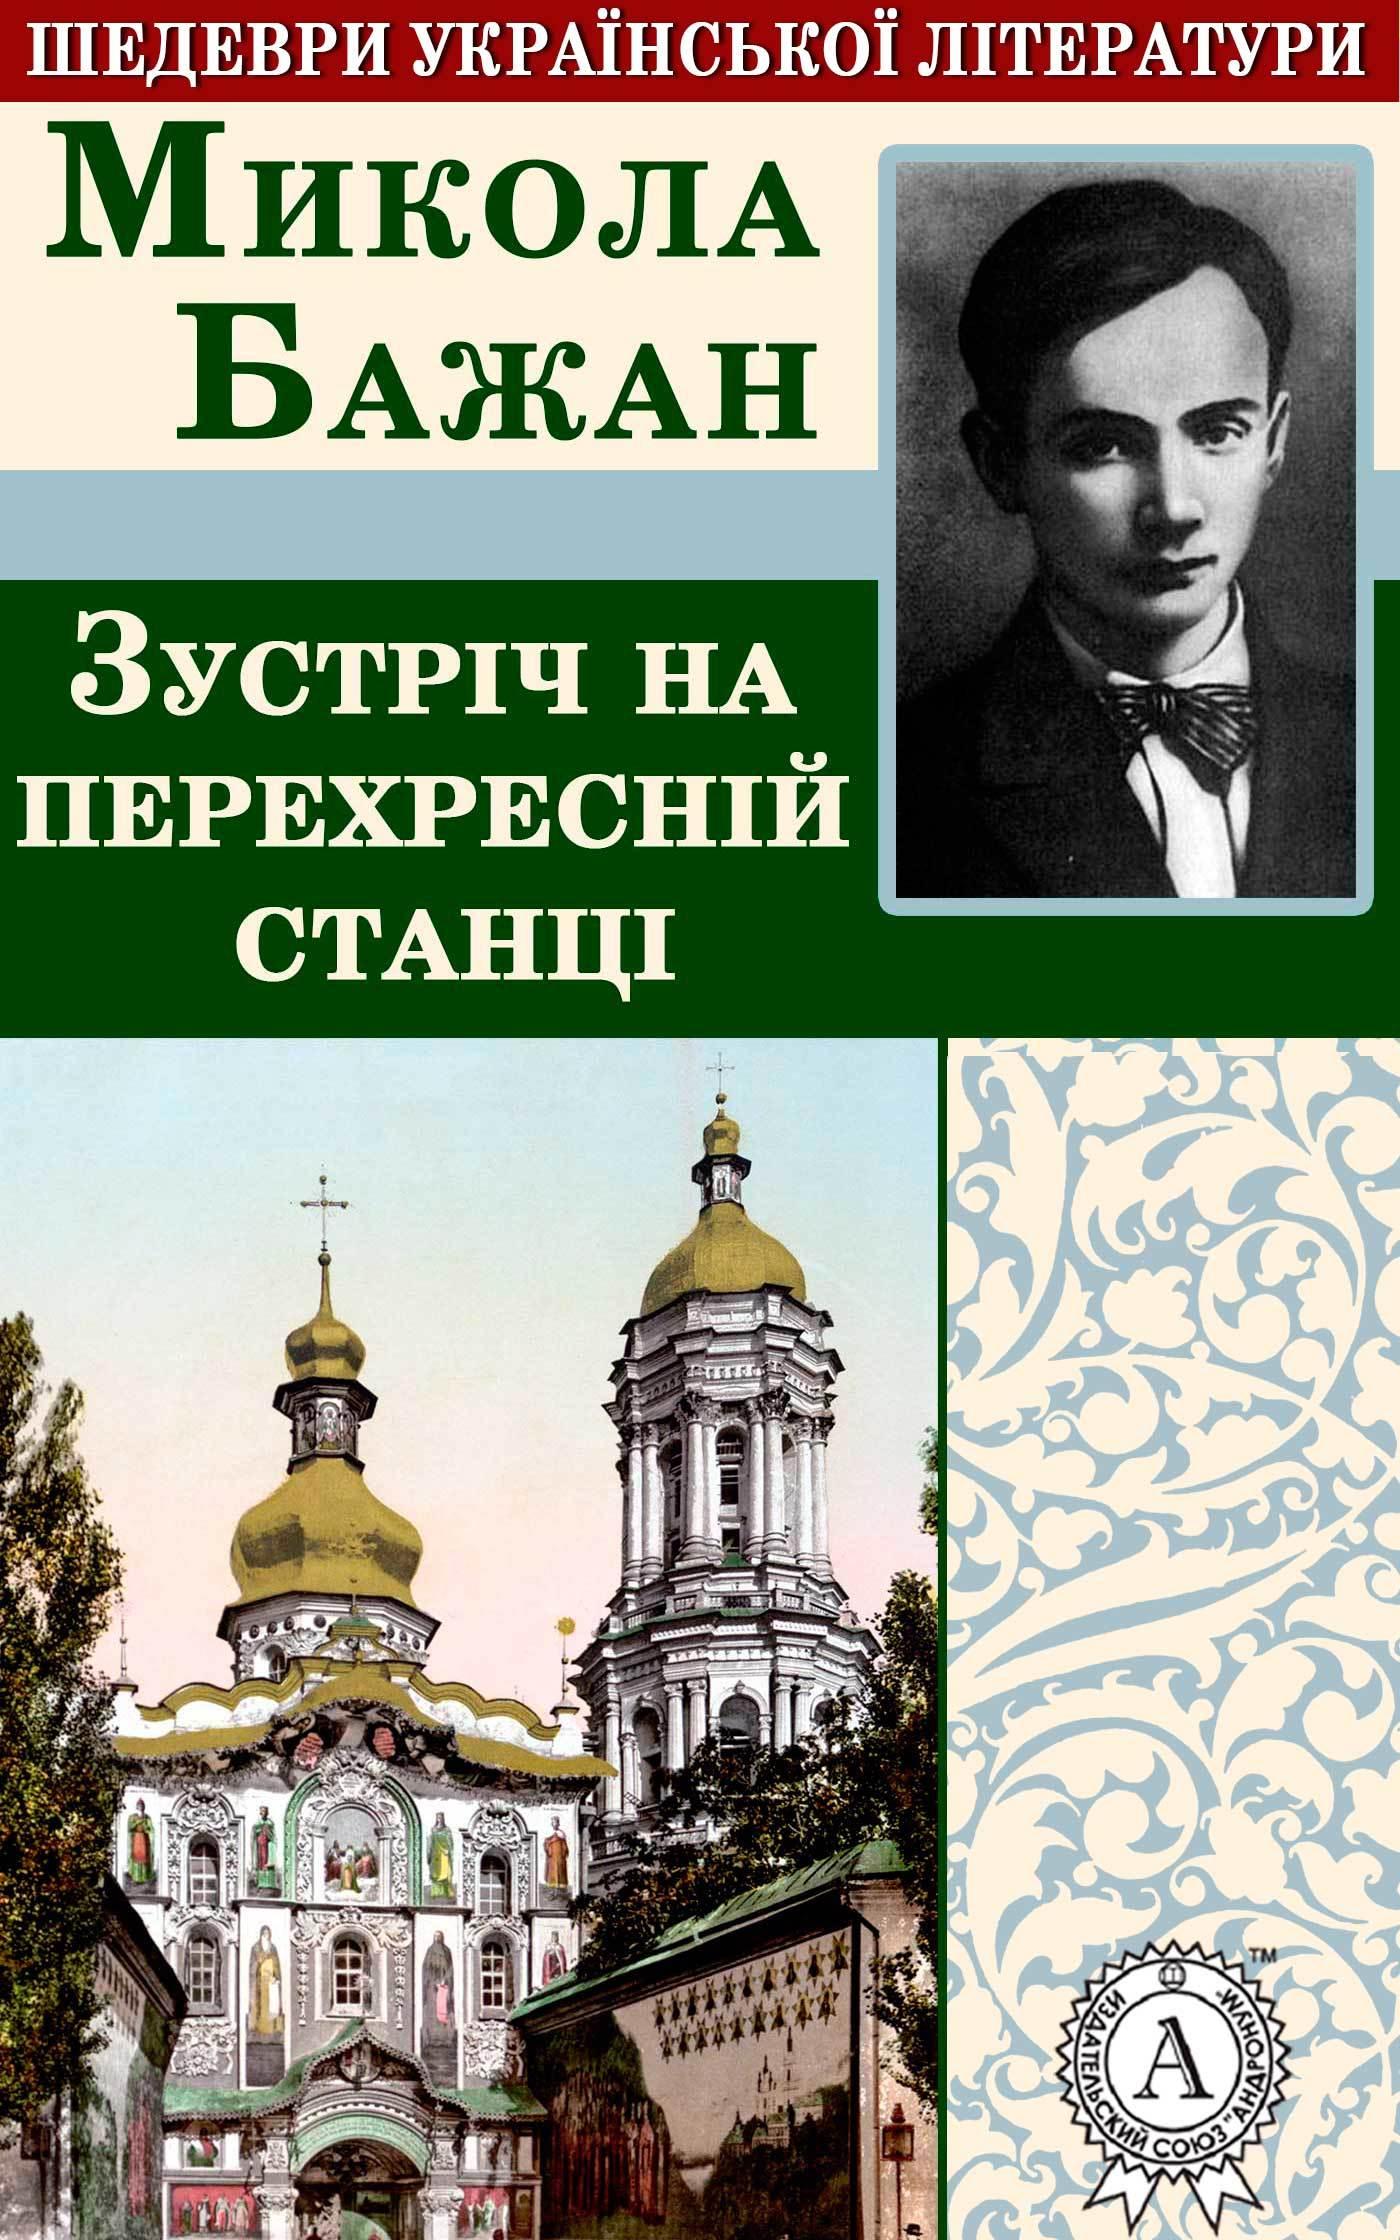 Микола Бажан Зустріч на перехресній станції микола бажан гофманова ніч page 7